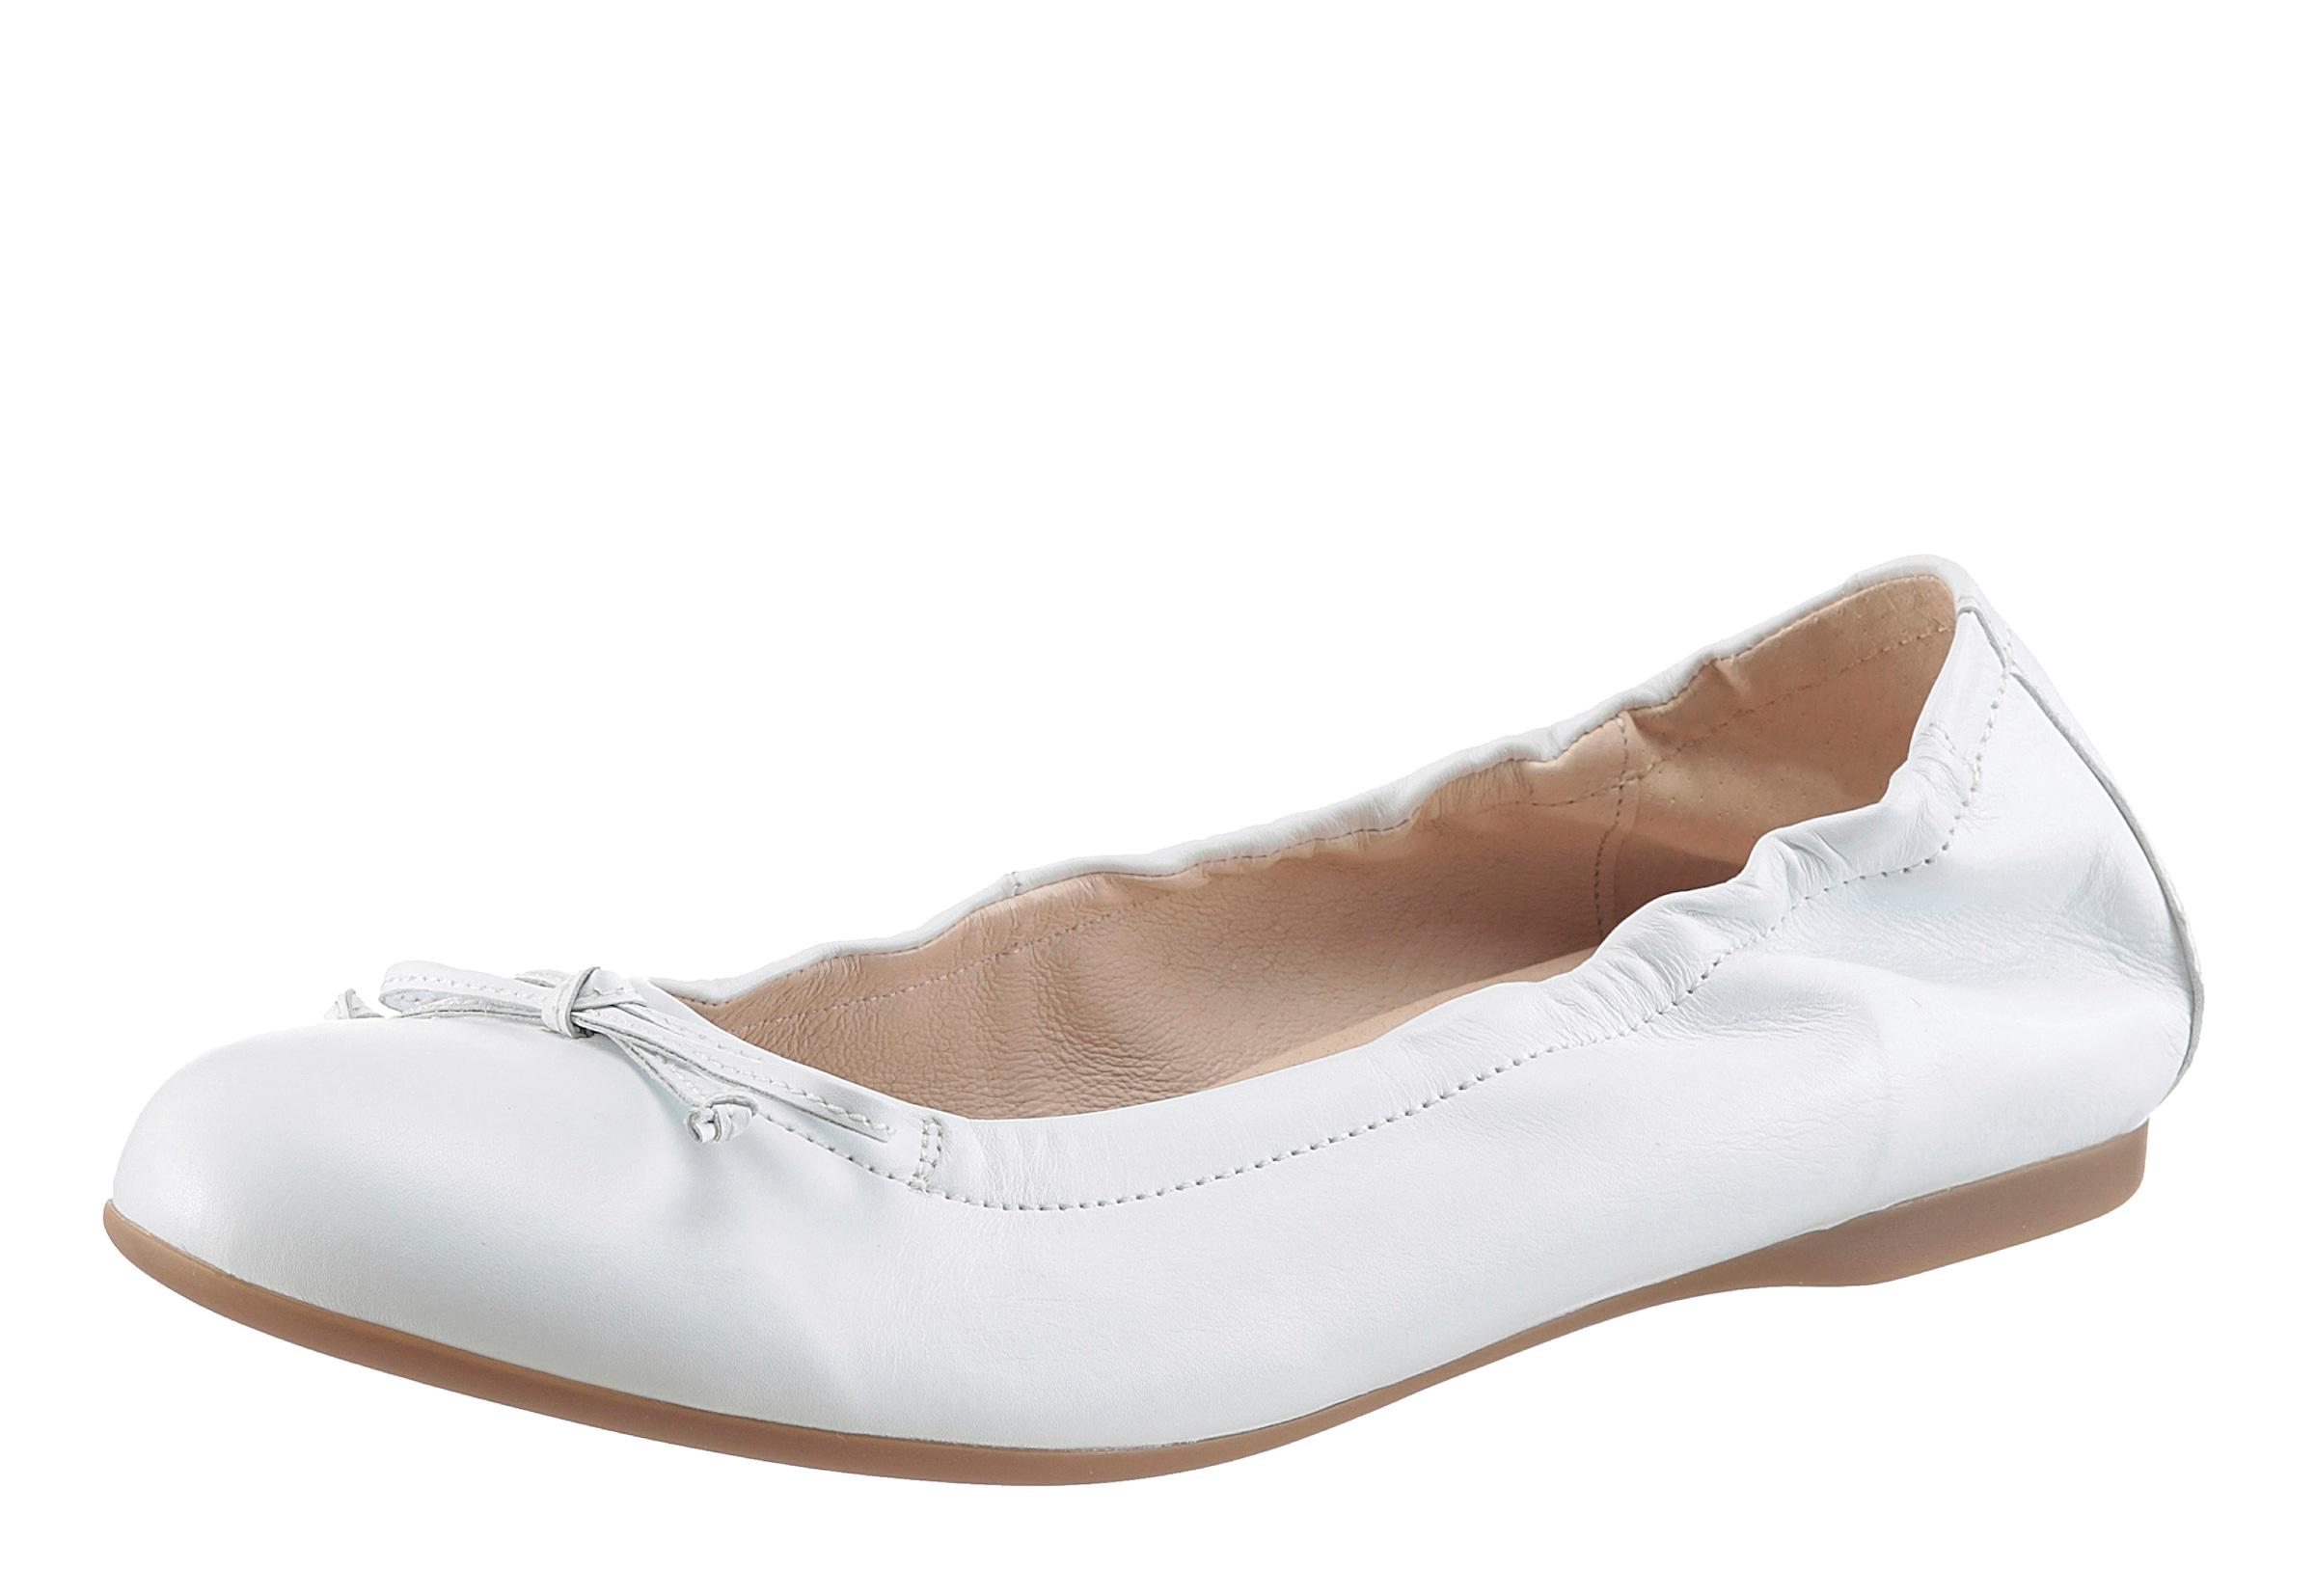 TOM TAILOR Ballerina für Damen bei Imwalking